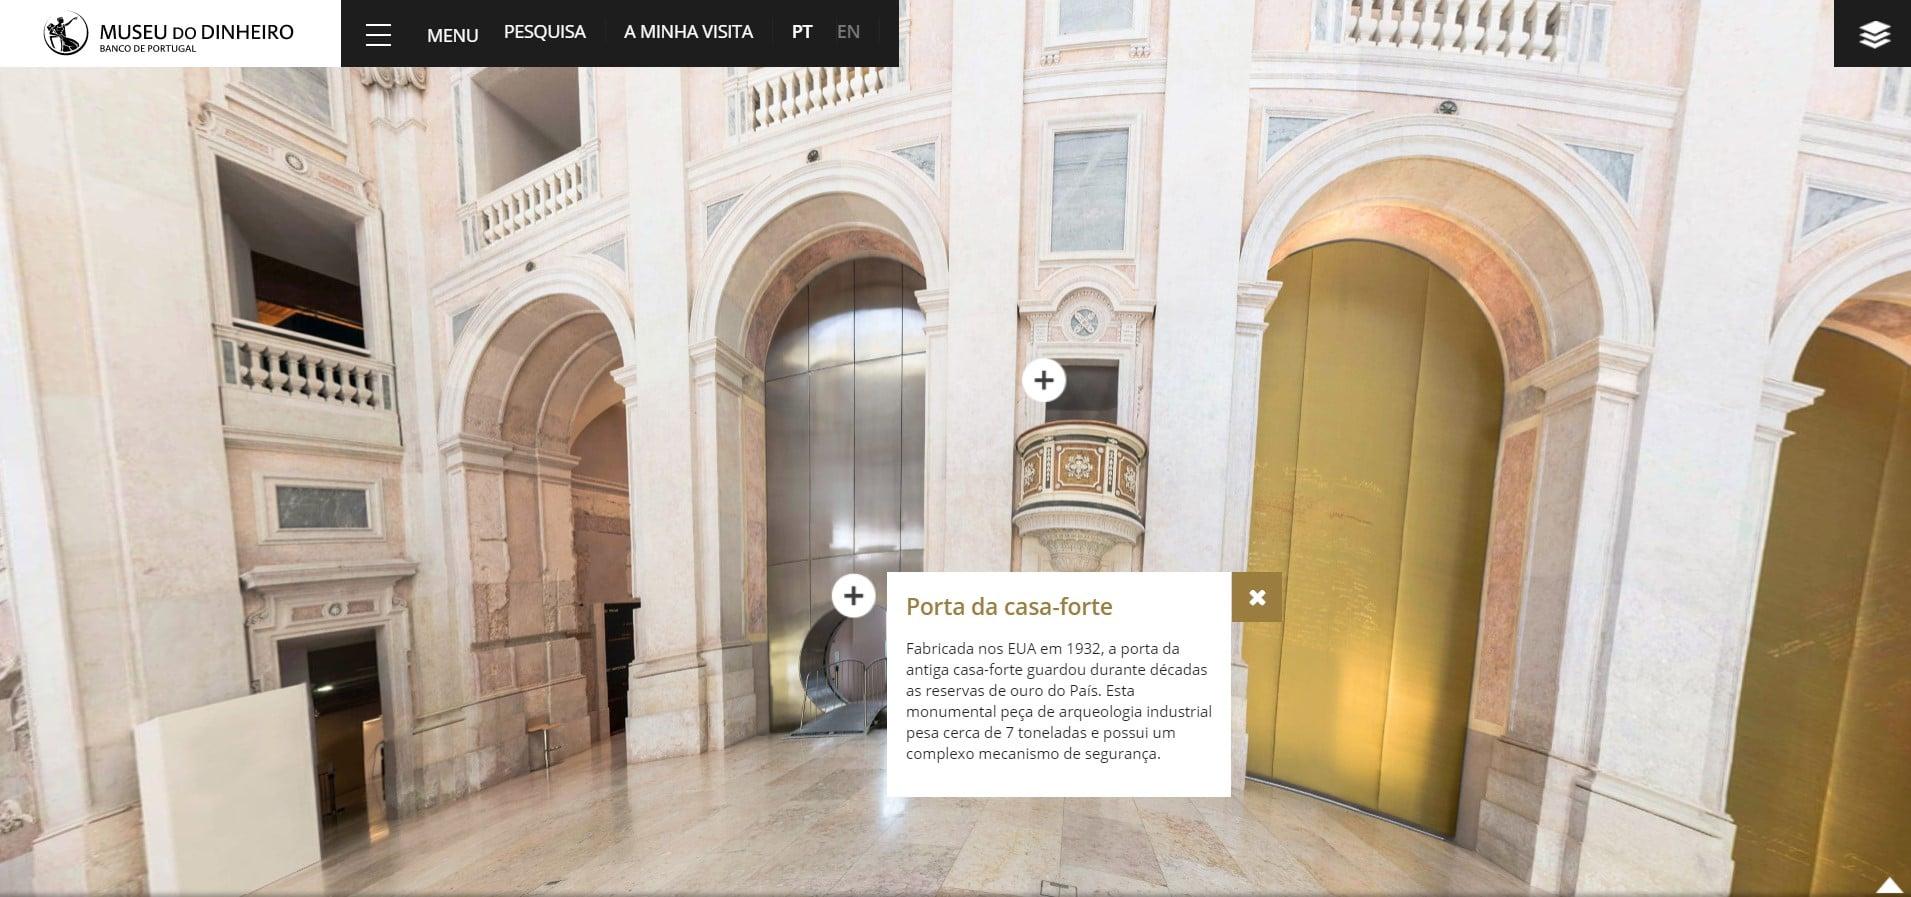 museus nacionais - visita virtual museu do dinheiro